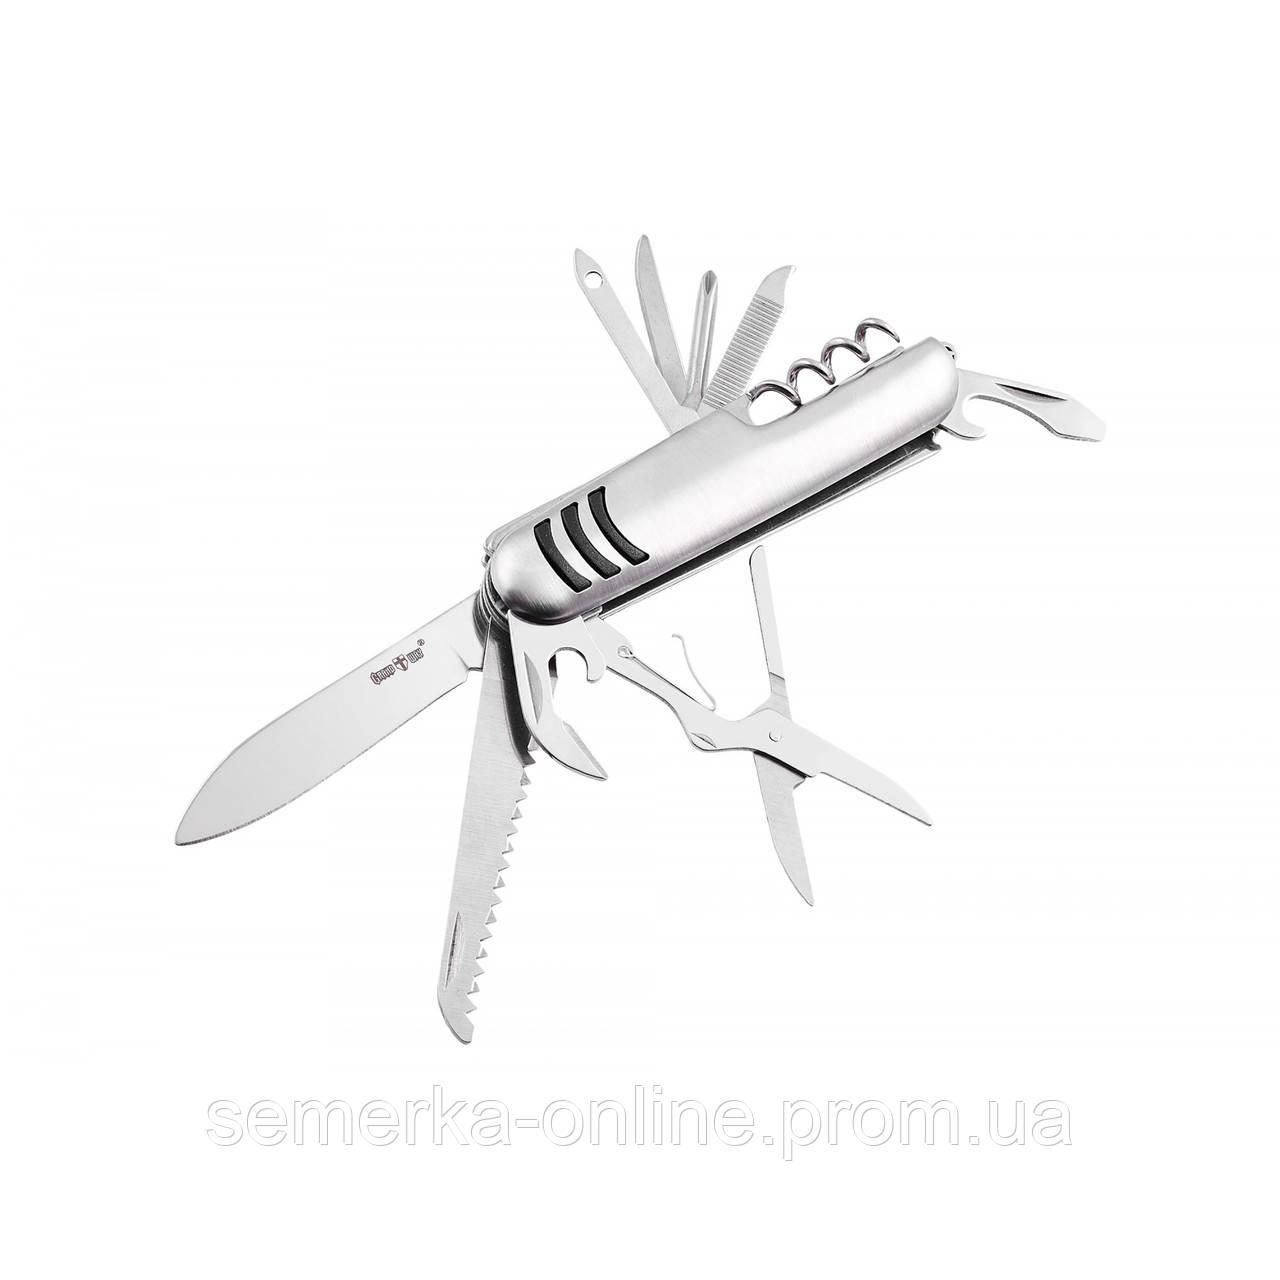 Швейцарский многоцелевой нож. Складной мультитул. 11 функций. Будет отличным помощником в быту.